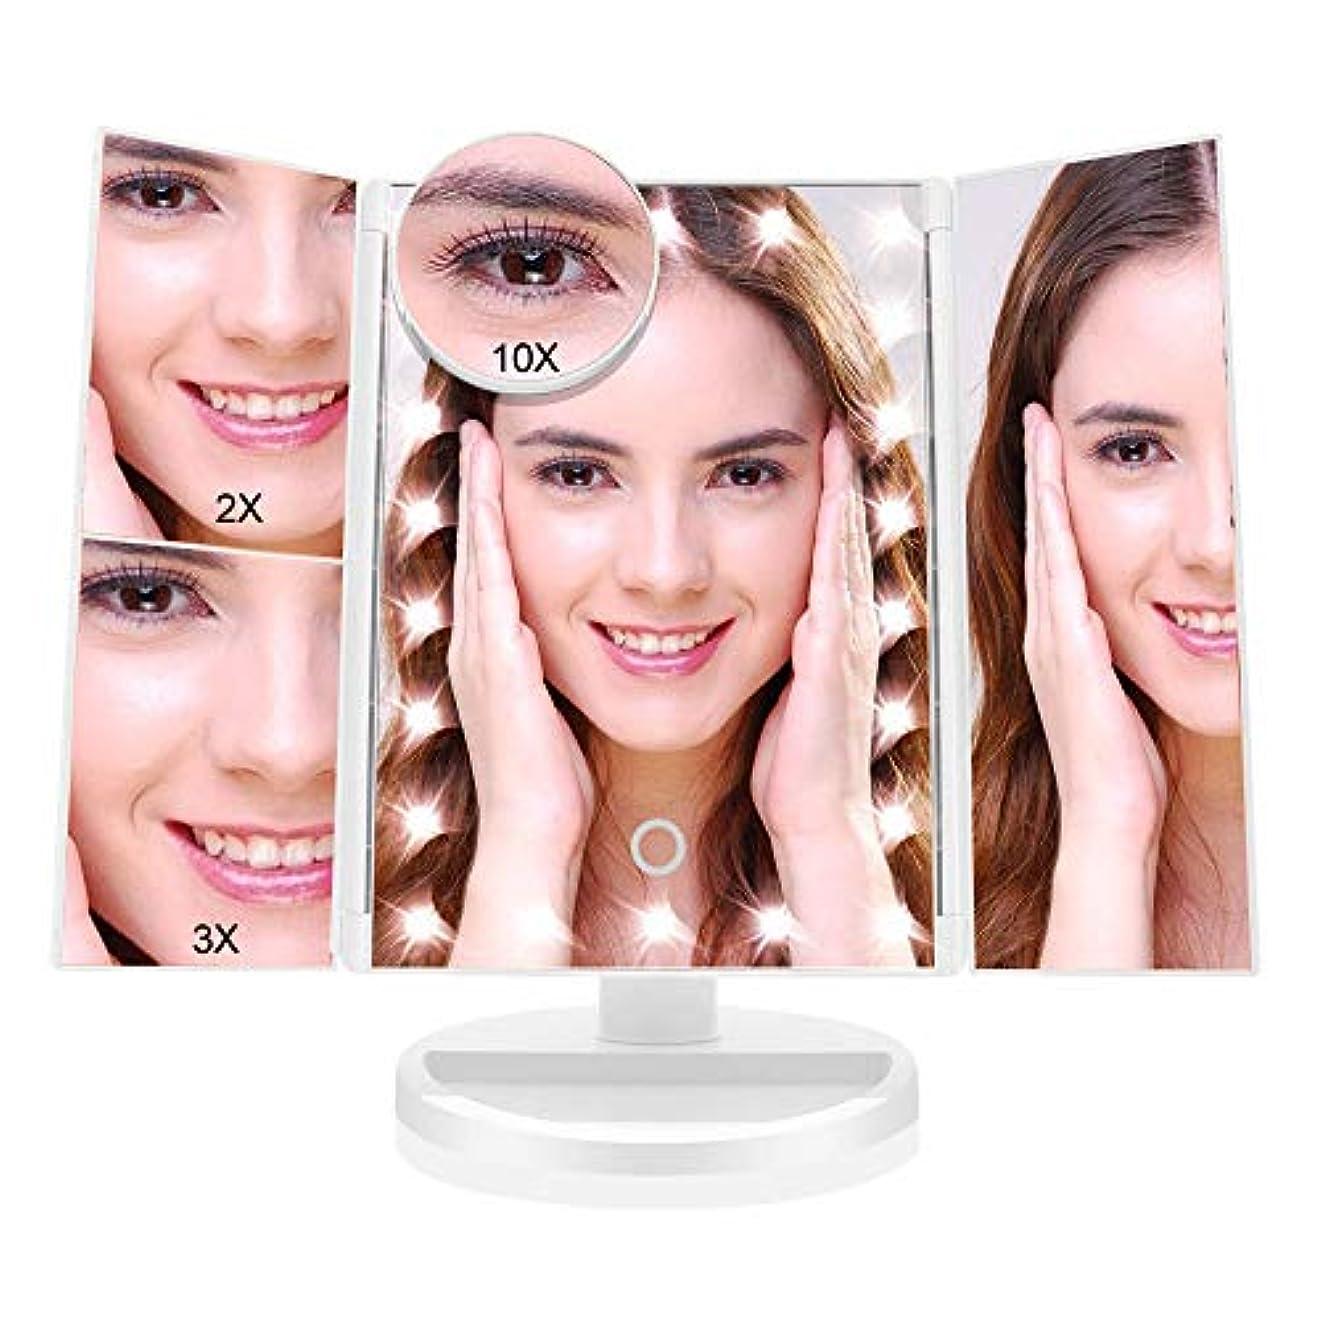 成果ランデブーウォーターフロント化粧鏡 化粧ミラー 鏡 三面鏡 女優 卓上 21個LED付き 拡大鏡 2X 3X 10X 倍 明るさ調節可能 180°回転 電池&USB2WAY給電 収納便利